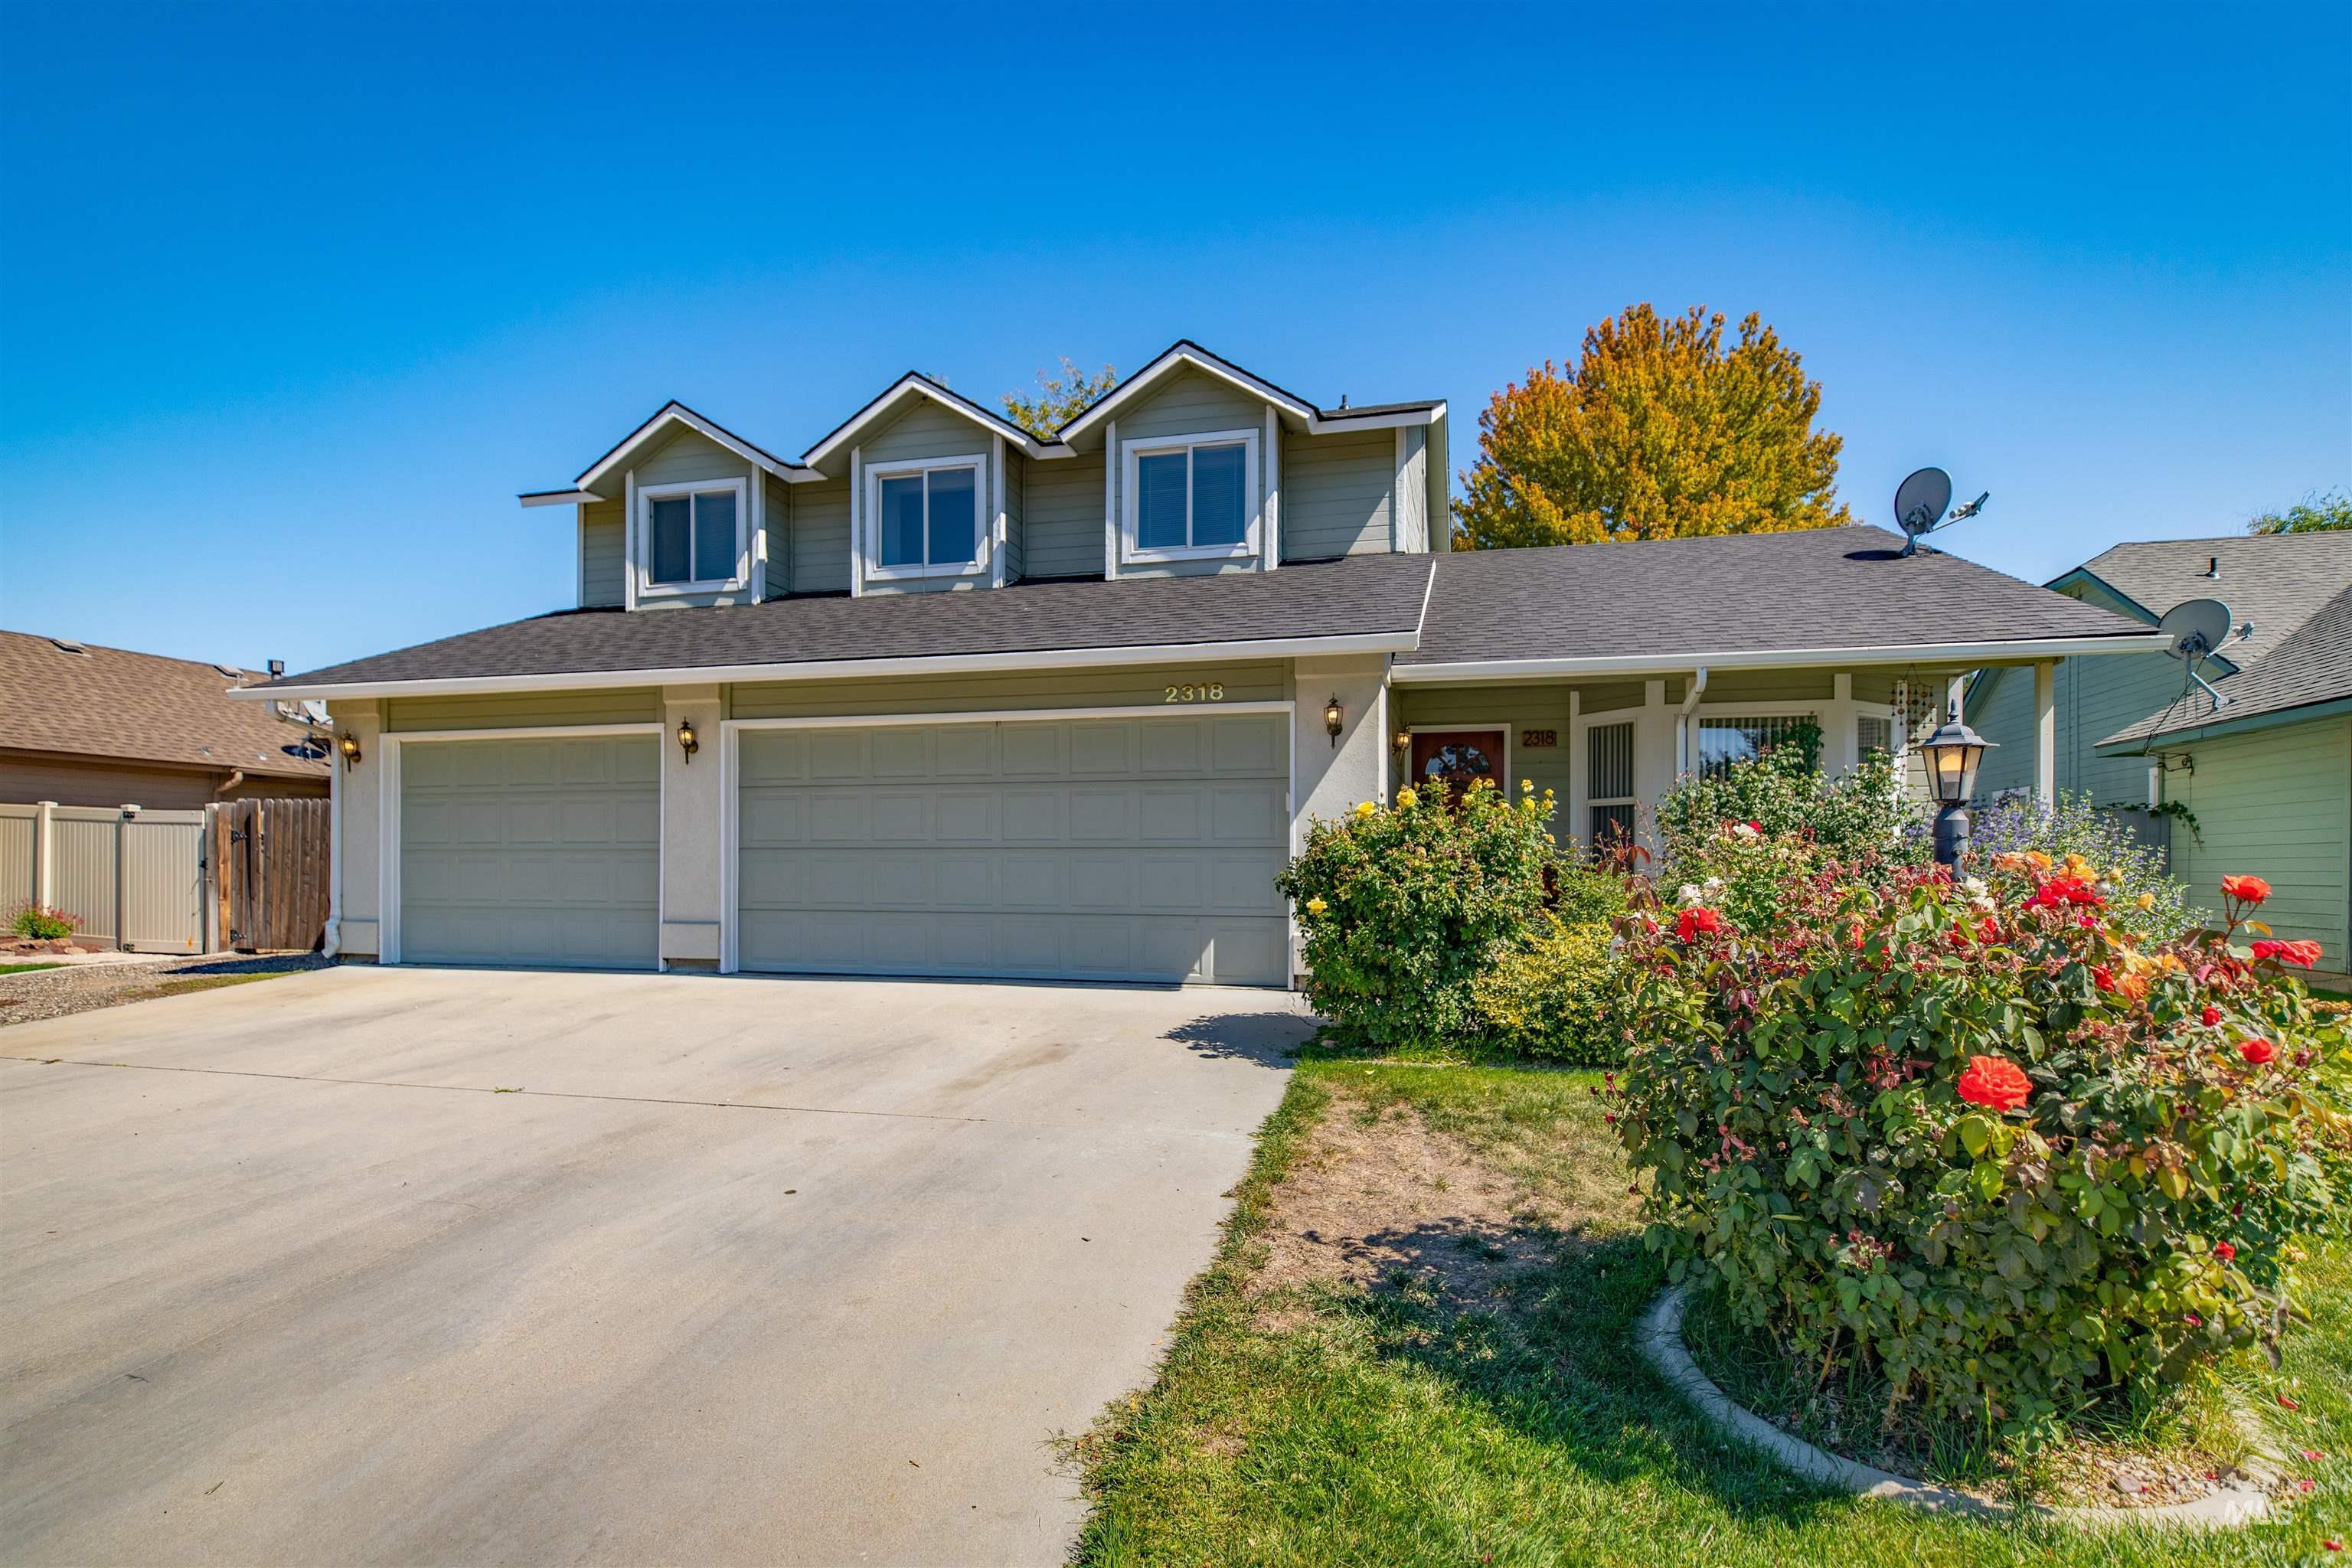 2318 Laughridge Property Photo